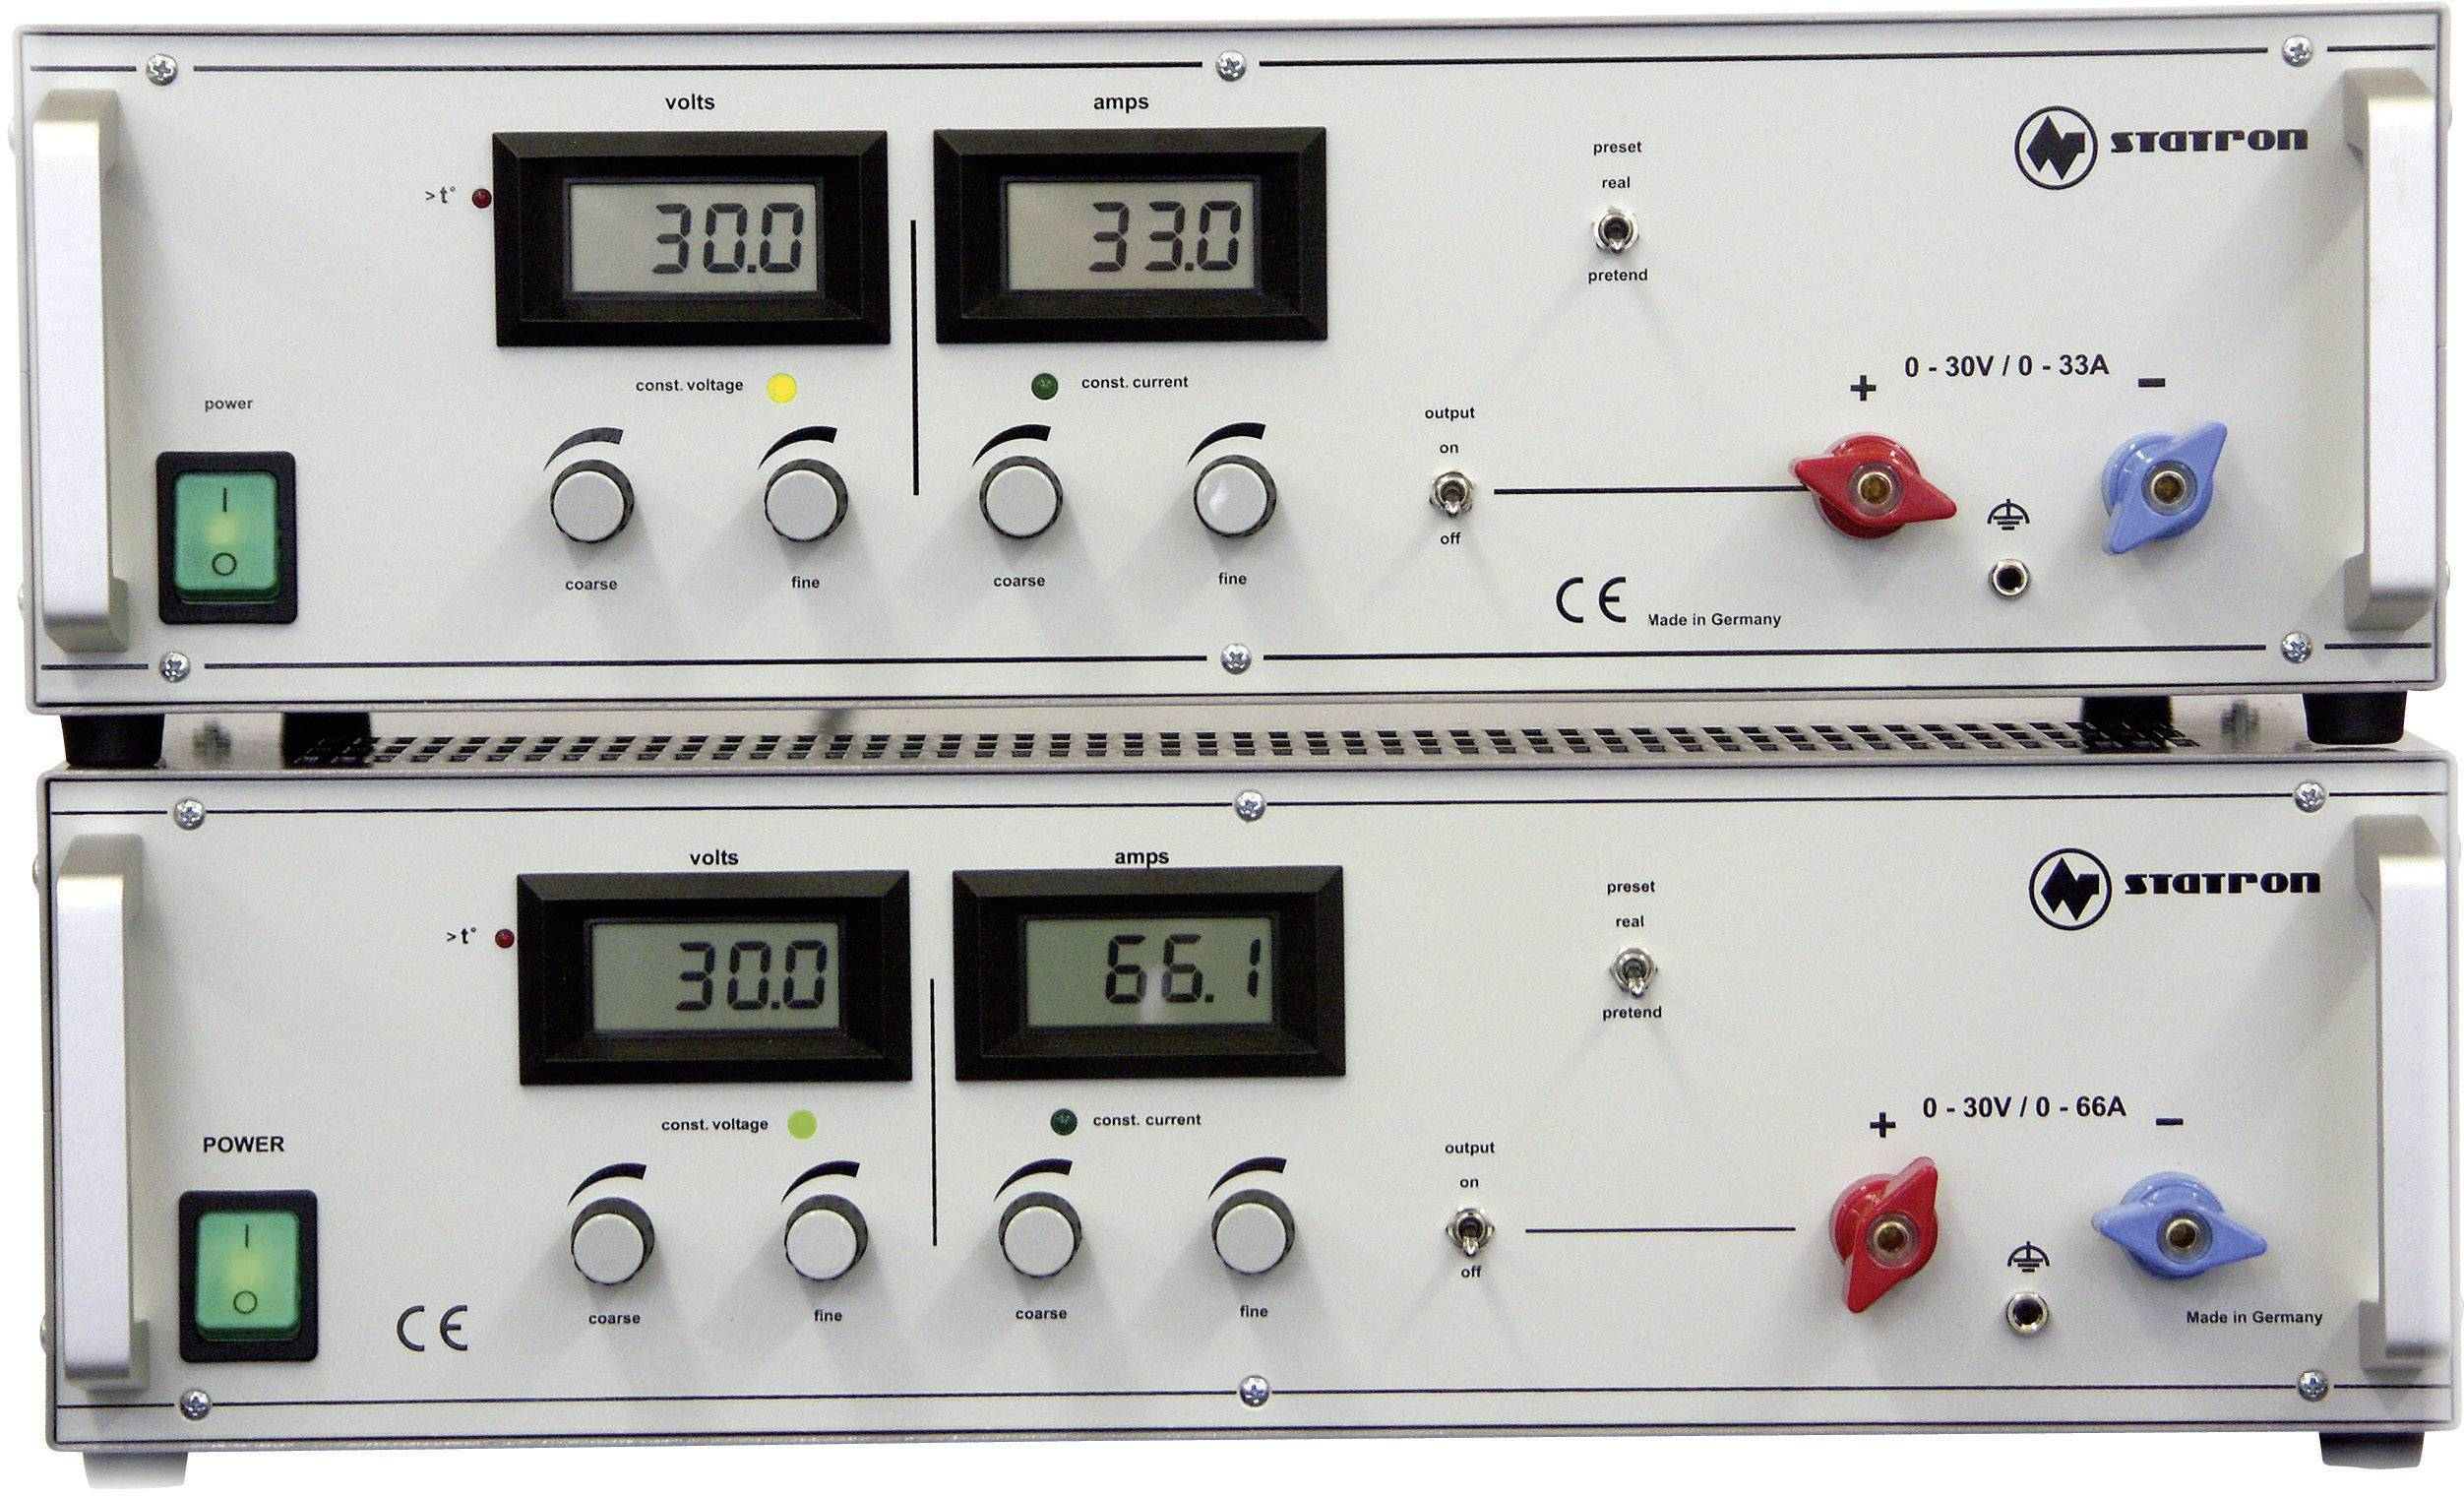 Lineárny laboratórny zdroj Straton 3656.1, 0 - 30 V, 0 - 66 A